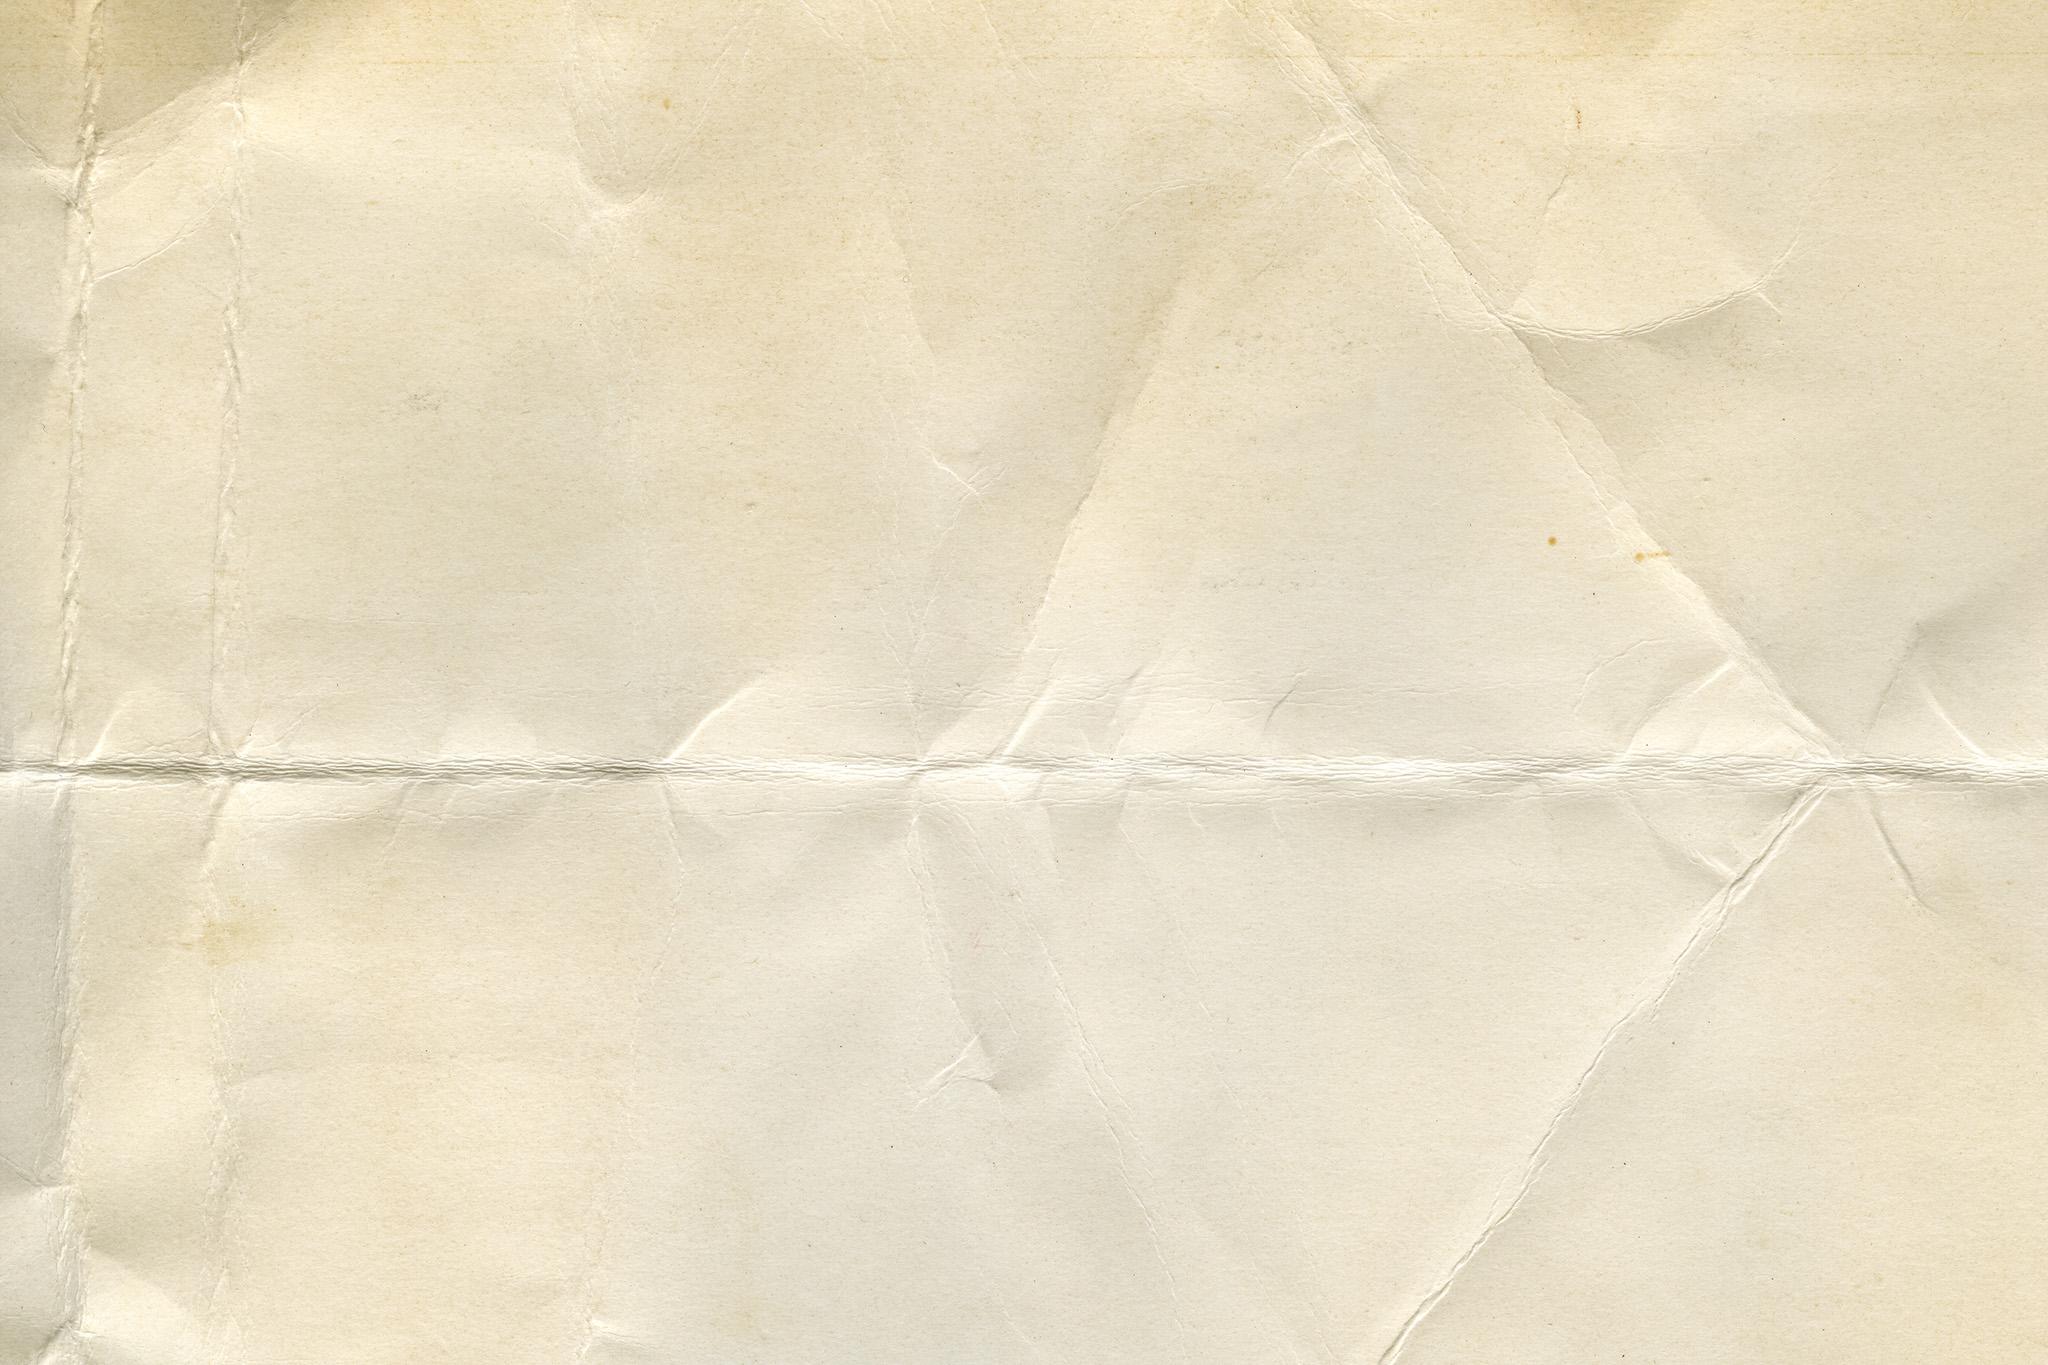 「折れ目やシワがある厚手の紙」